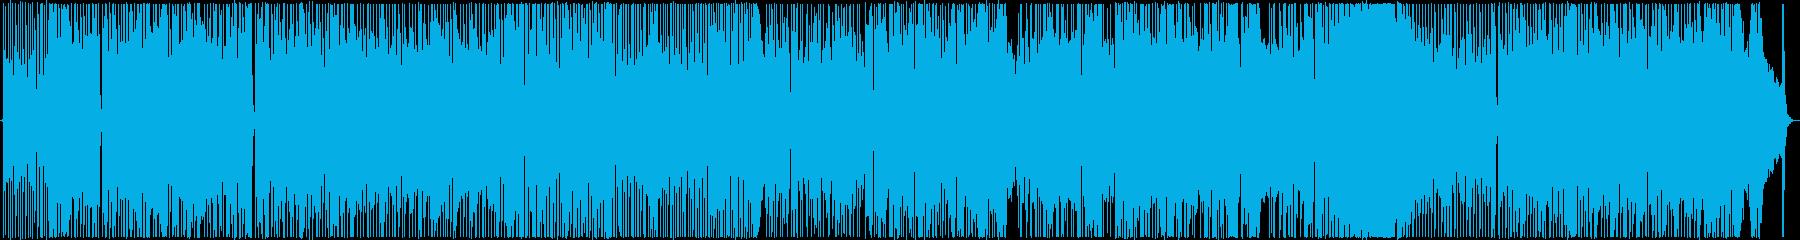 スーパーウルトラミラクルファイヤーサンダーエキセントリックダイナマイトスパークセンチメンタルハレーションミラーひみつきちの再生済みの波形